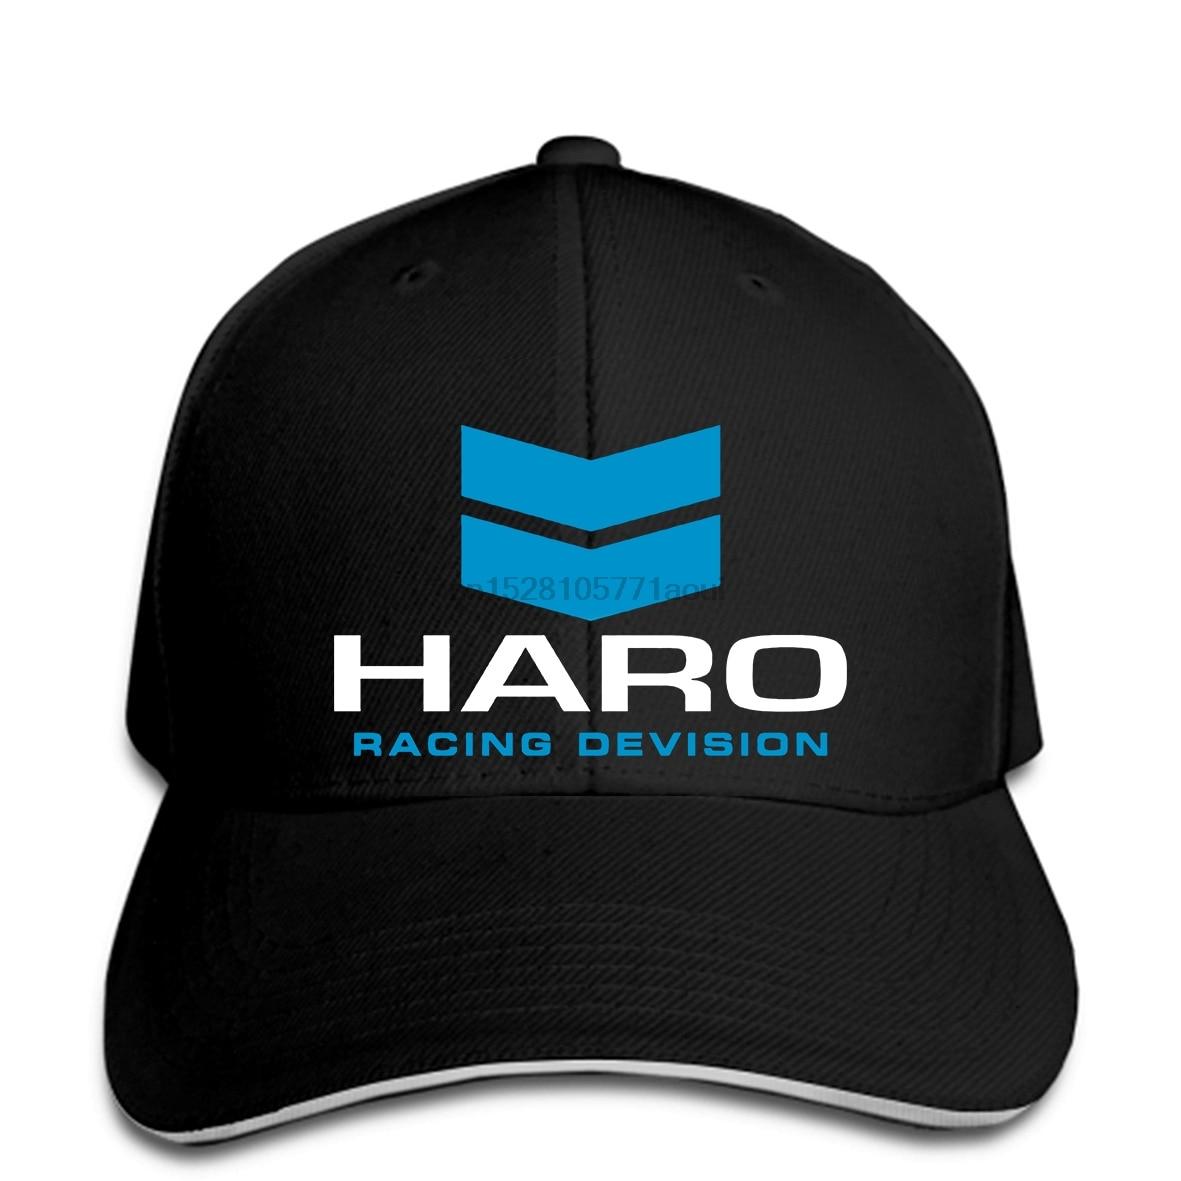 Gorra de béisbol HARO RACING DEVISION gorras de béisbol BMX MTB sombrero de bicicleta de carrera